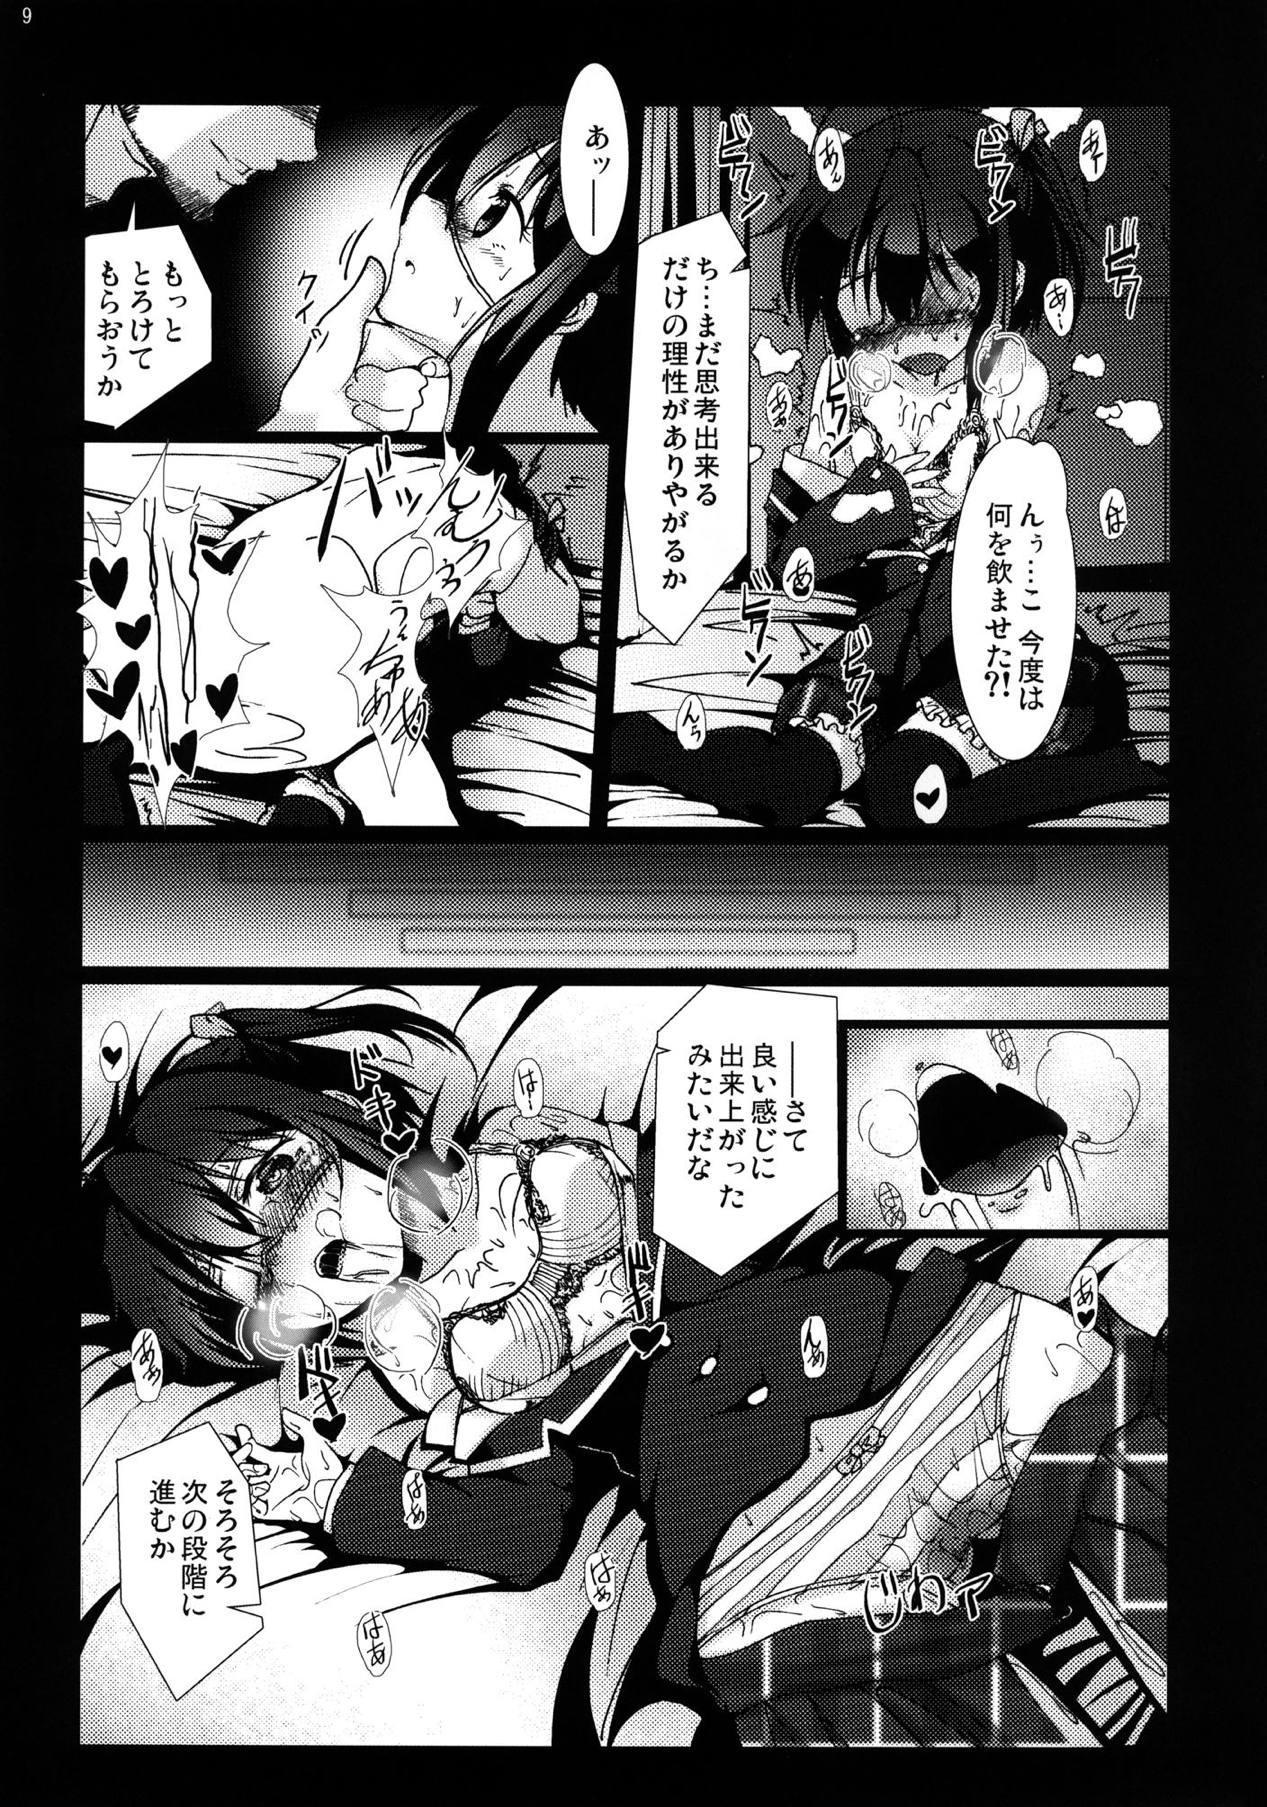 Chuunibyou demo Ninshin Shitai! 7